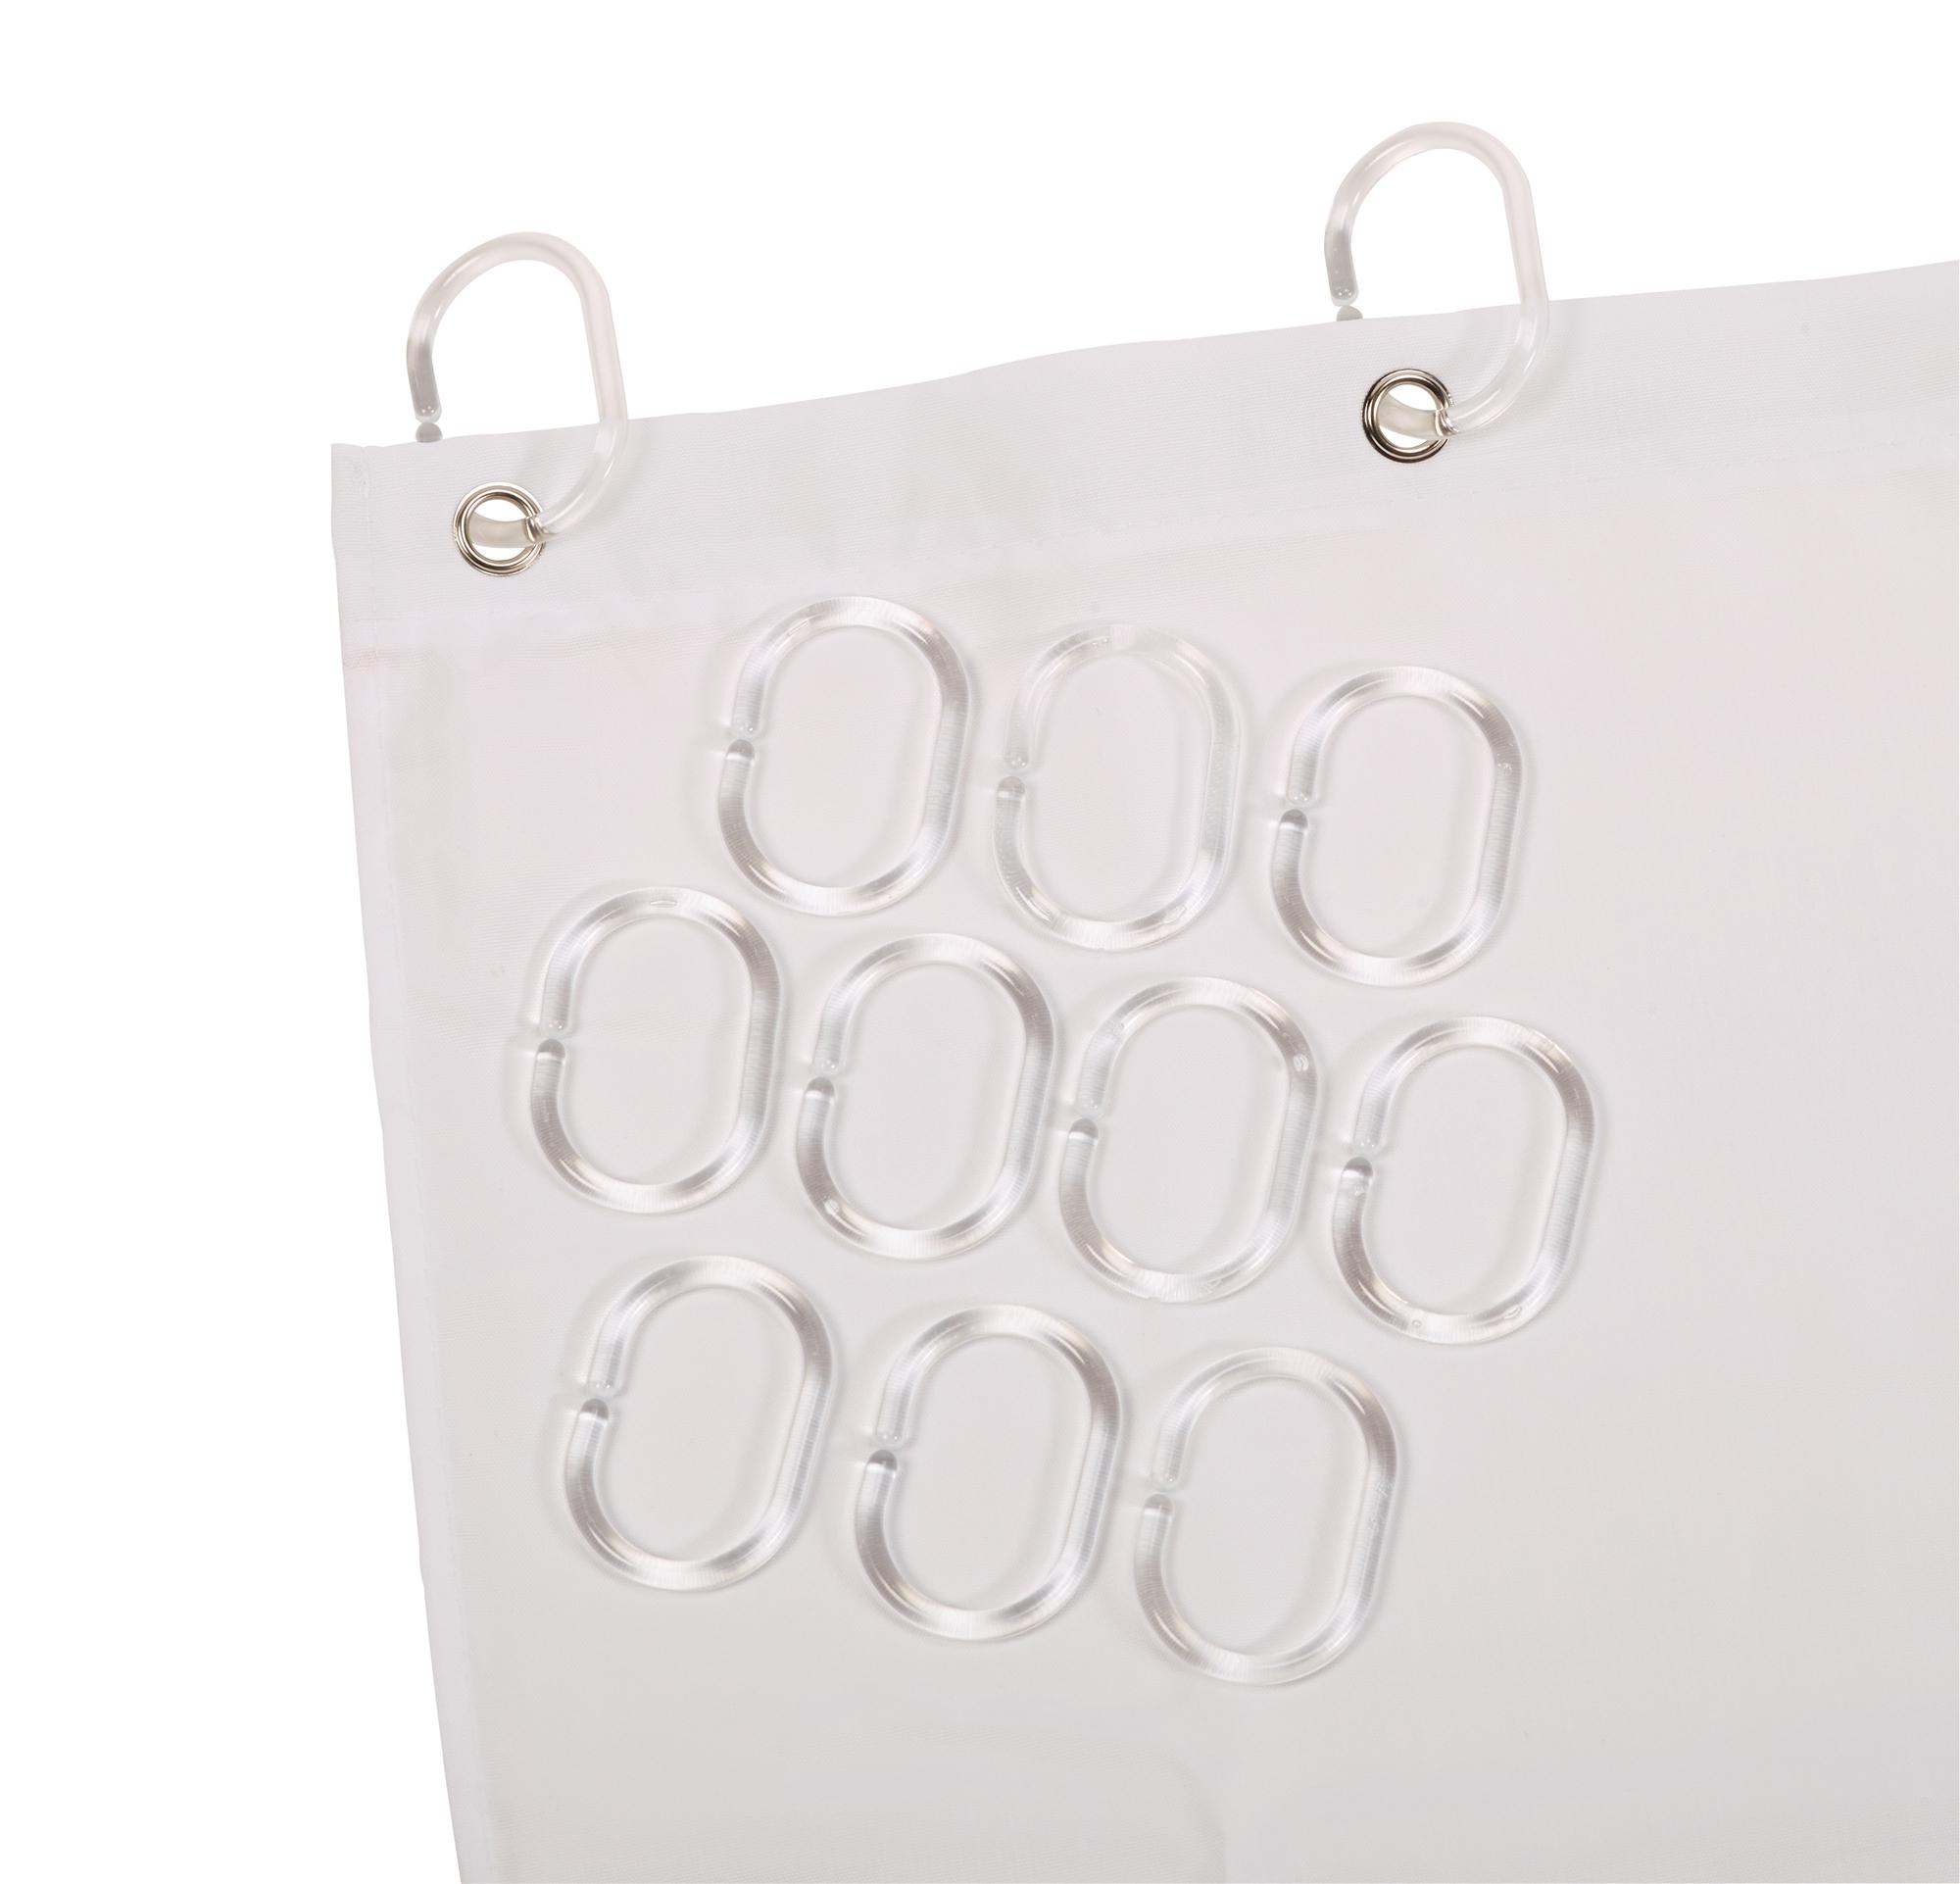 anneaux pour rideau de douche lot de 12. Black Bedroom Furniture Sets. Home Design Ideas